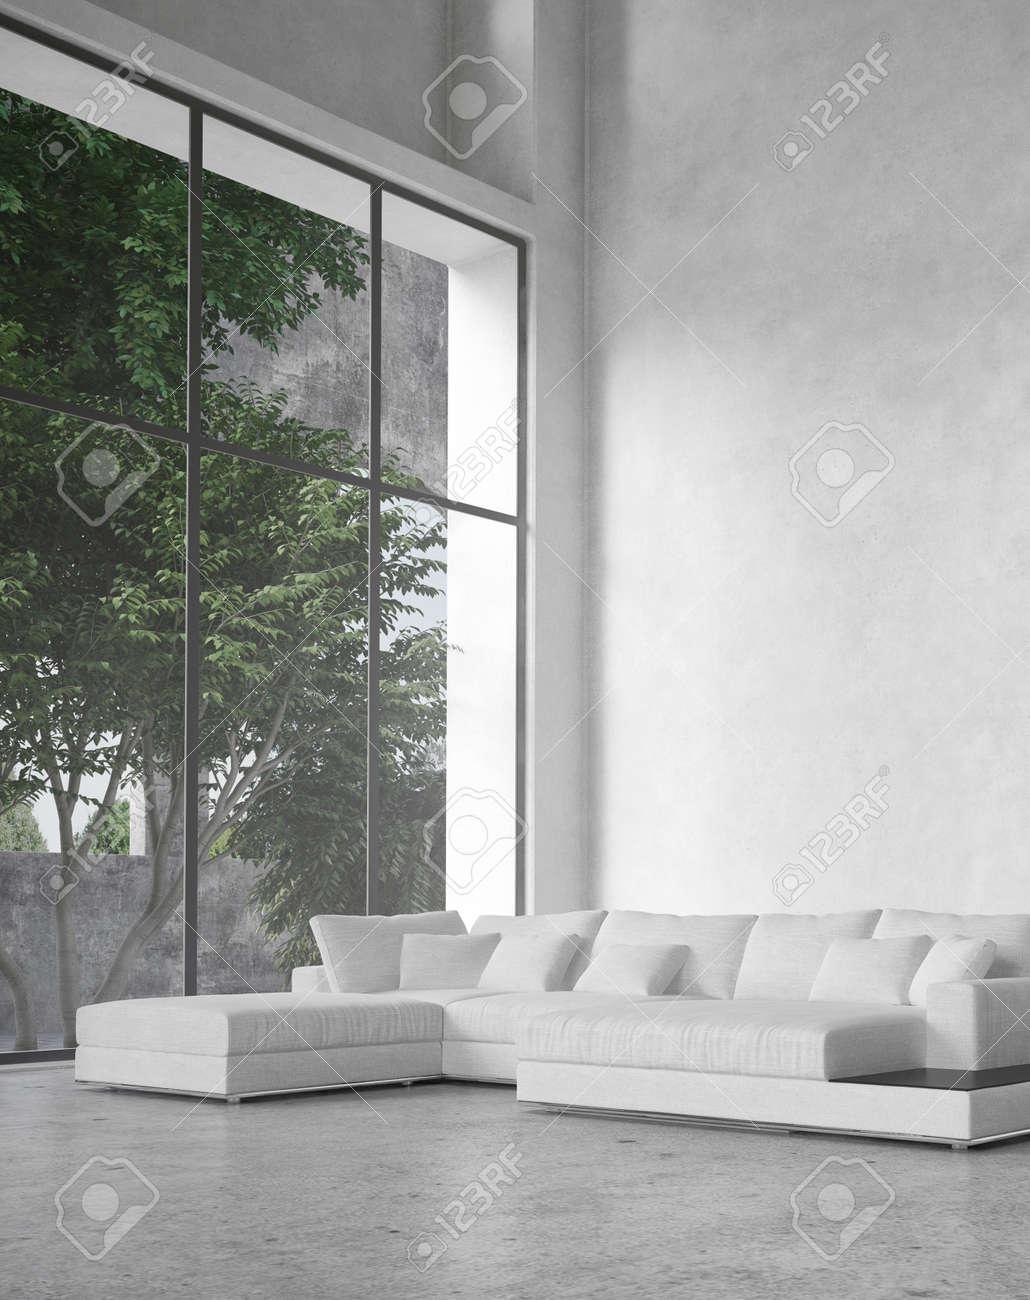 große, moderne minimalistische wohnzimmer innenraum mit einem ... - Grose Moderne Wohnzimmer